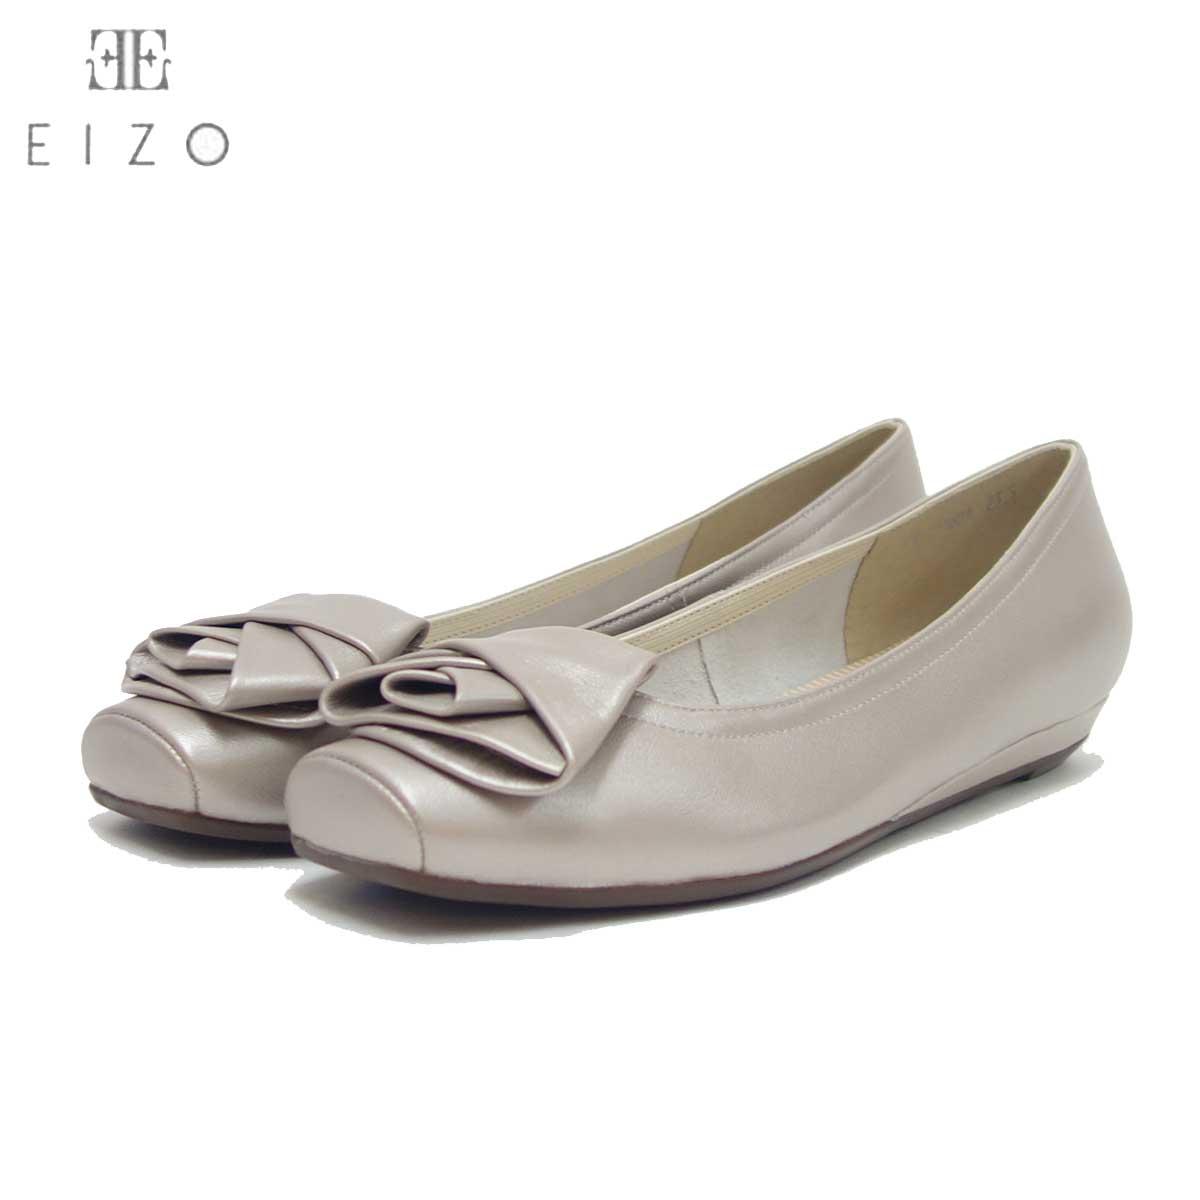 Vue ビュー EIZO Collection 11601 オーク(メタリック) 快適フィットのバレエシューズ 「靴」